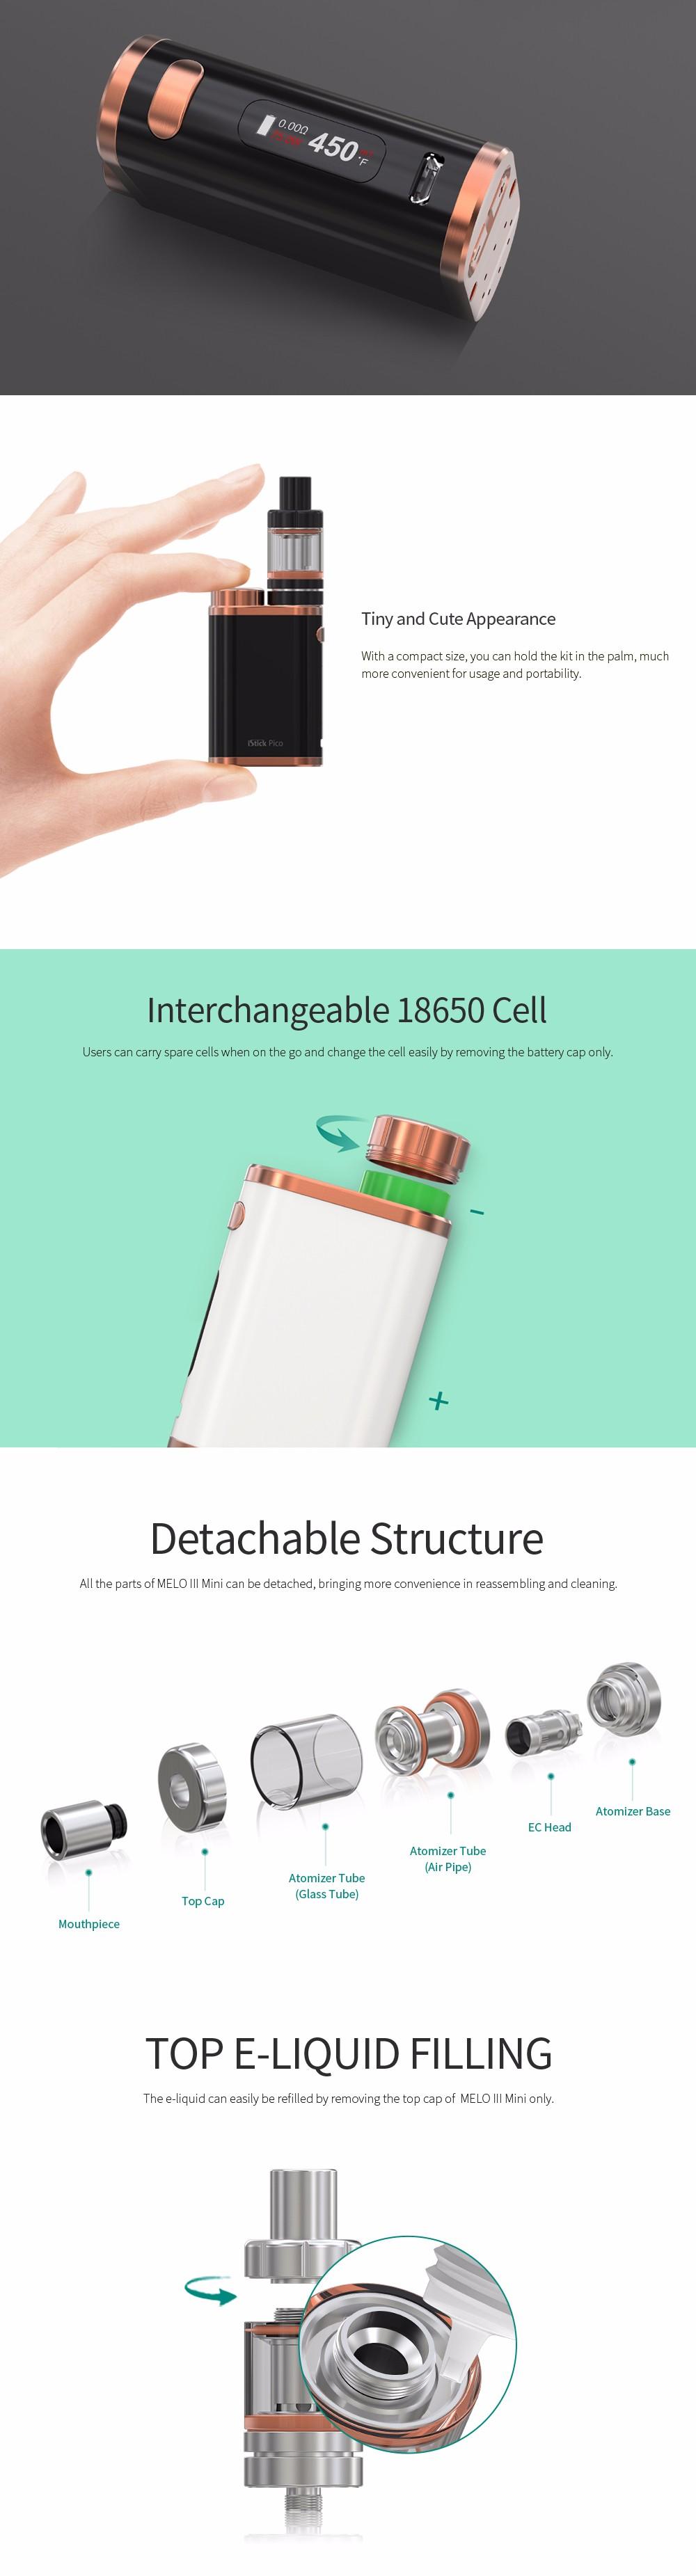 ถูก ของแท้100% Eleaf Istick pico TC 75วัตต์ไอVaporizerชุดบุหรี่อิเล็กทรอนิกส์มอระกู่อิเล็กทรอนิกส์nargileบุหรี่อิเล็กทรอนิกส์Vapeชุด